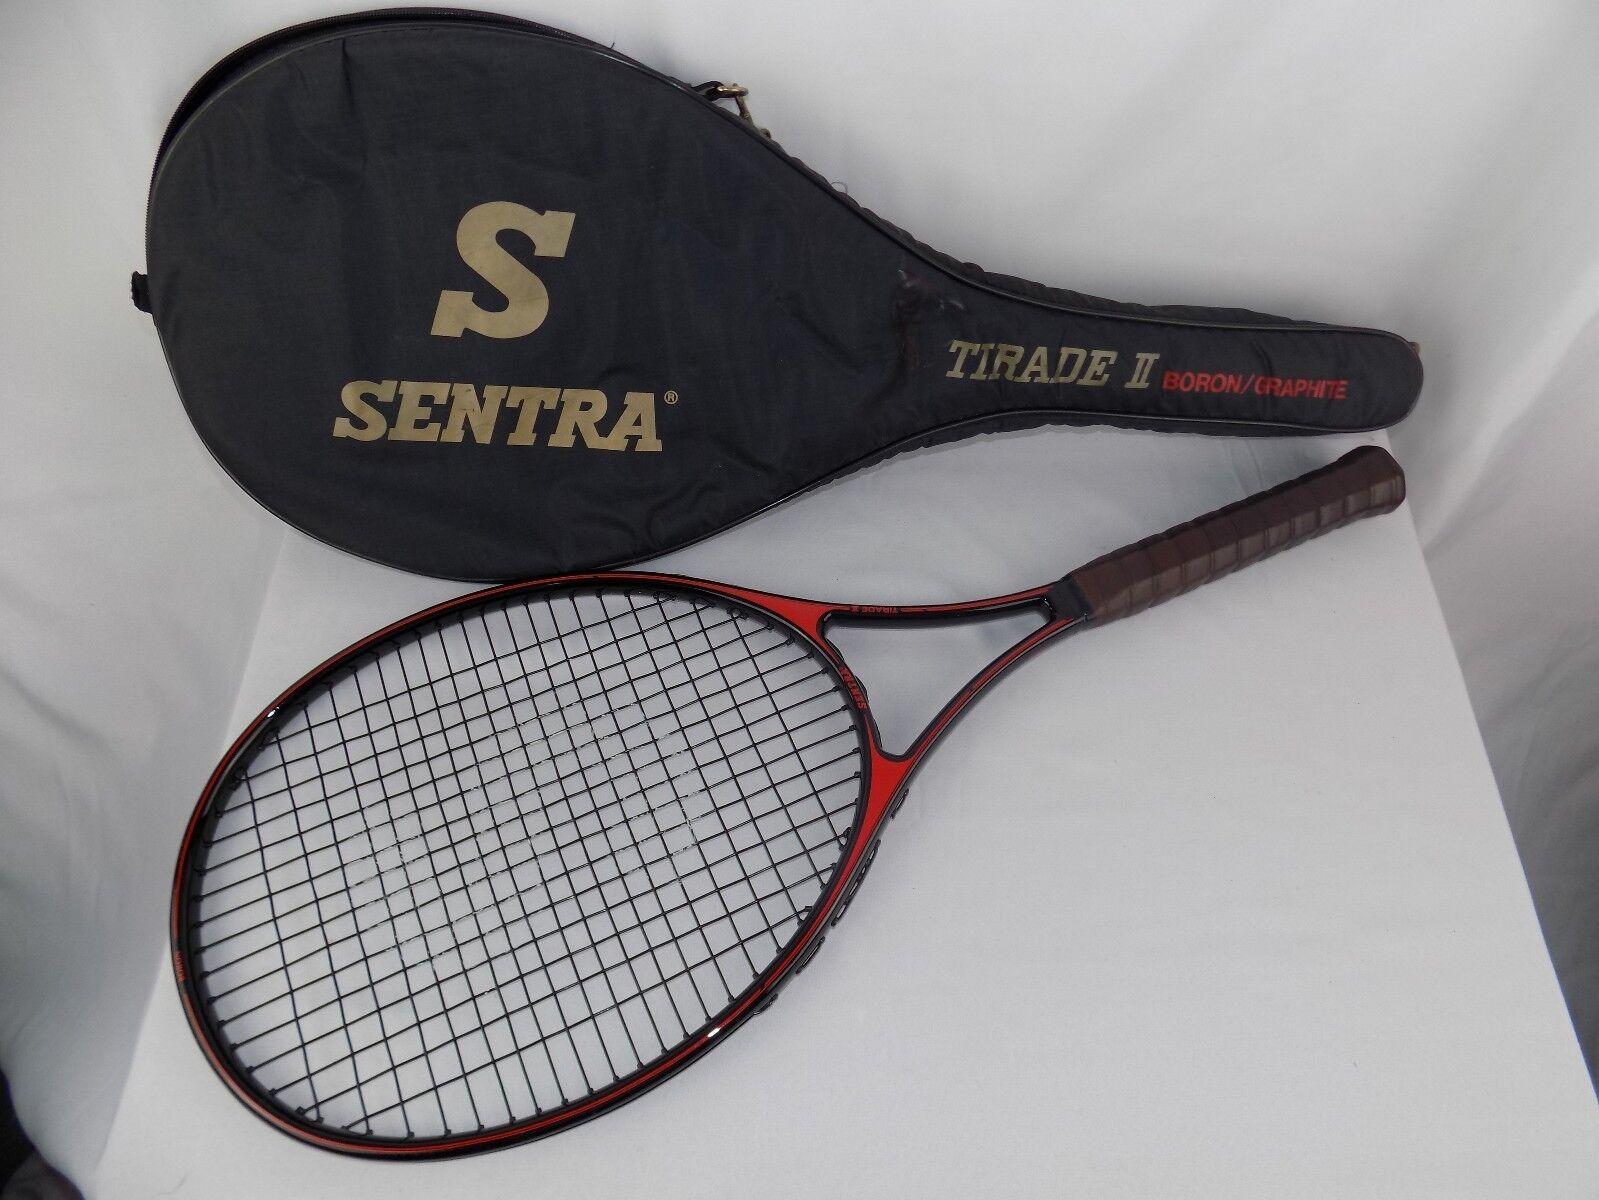 Raro Sentra diatriba  II Boro Grafito 4 5 8  Raqueta De Tenis Con Estuche  últimos estilos